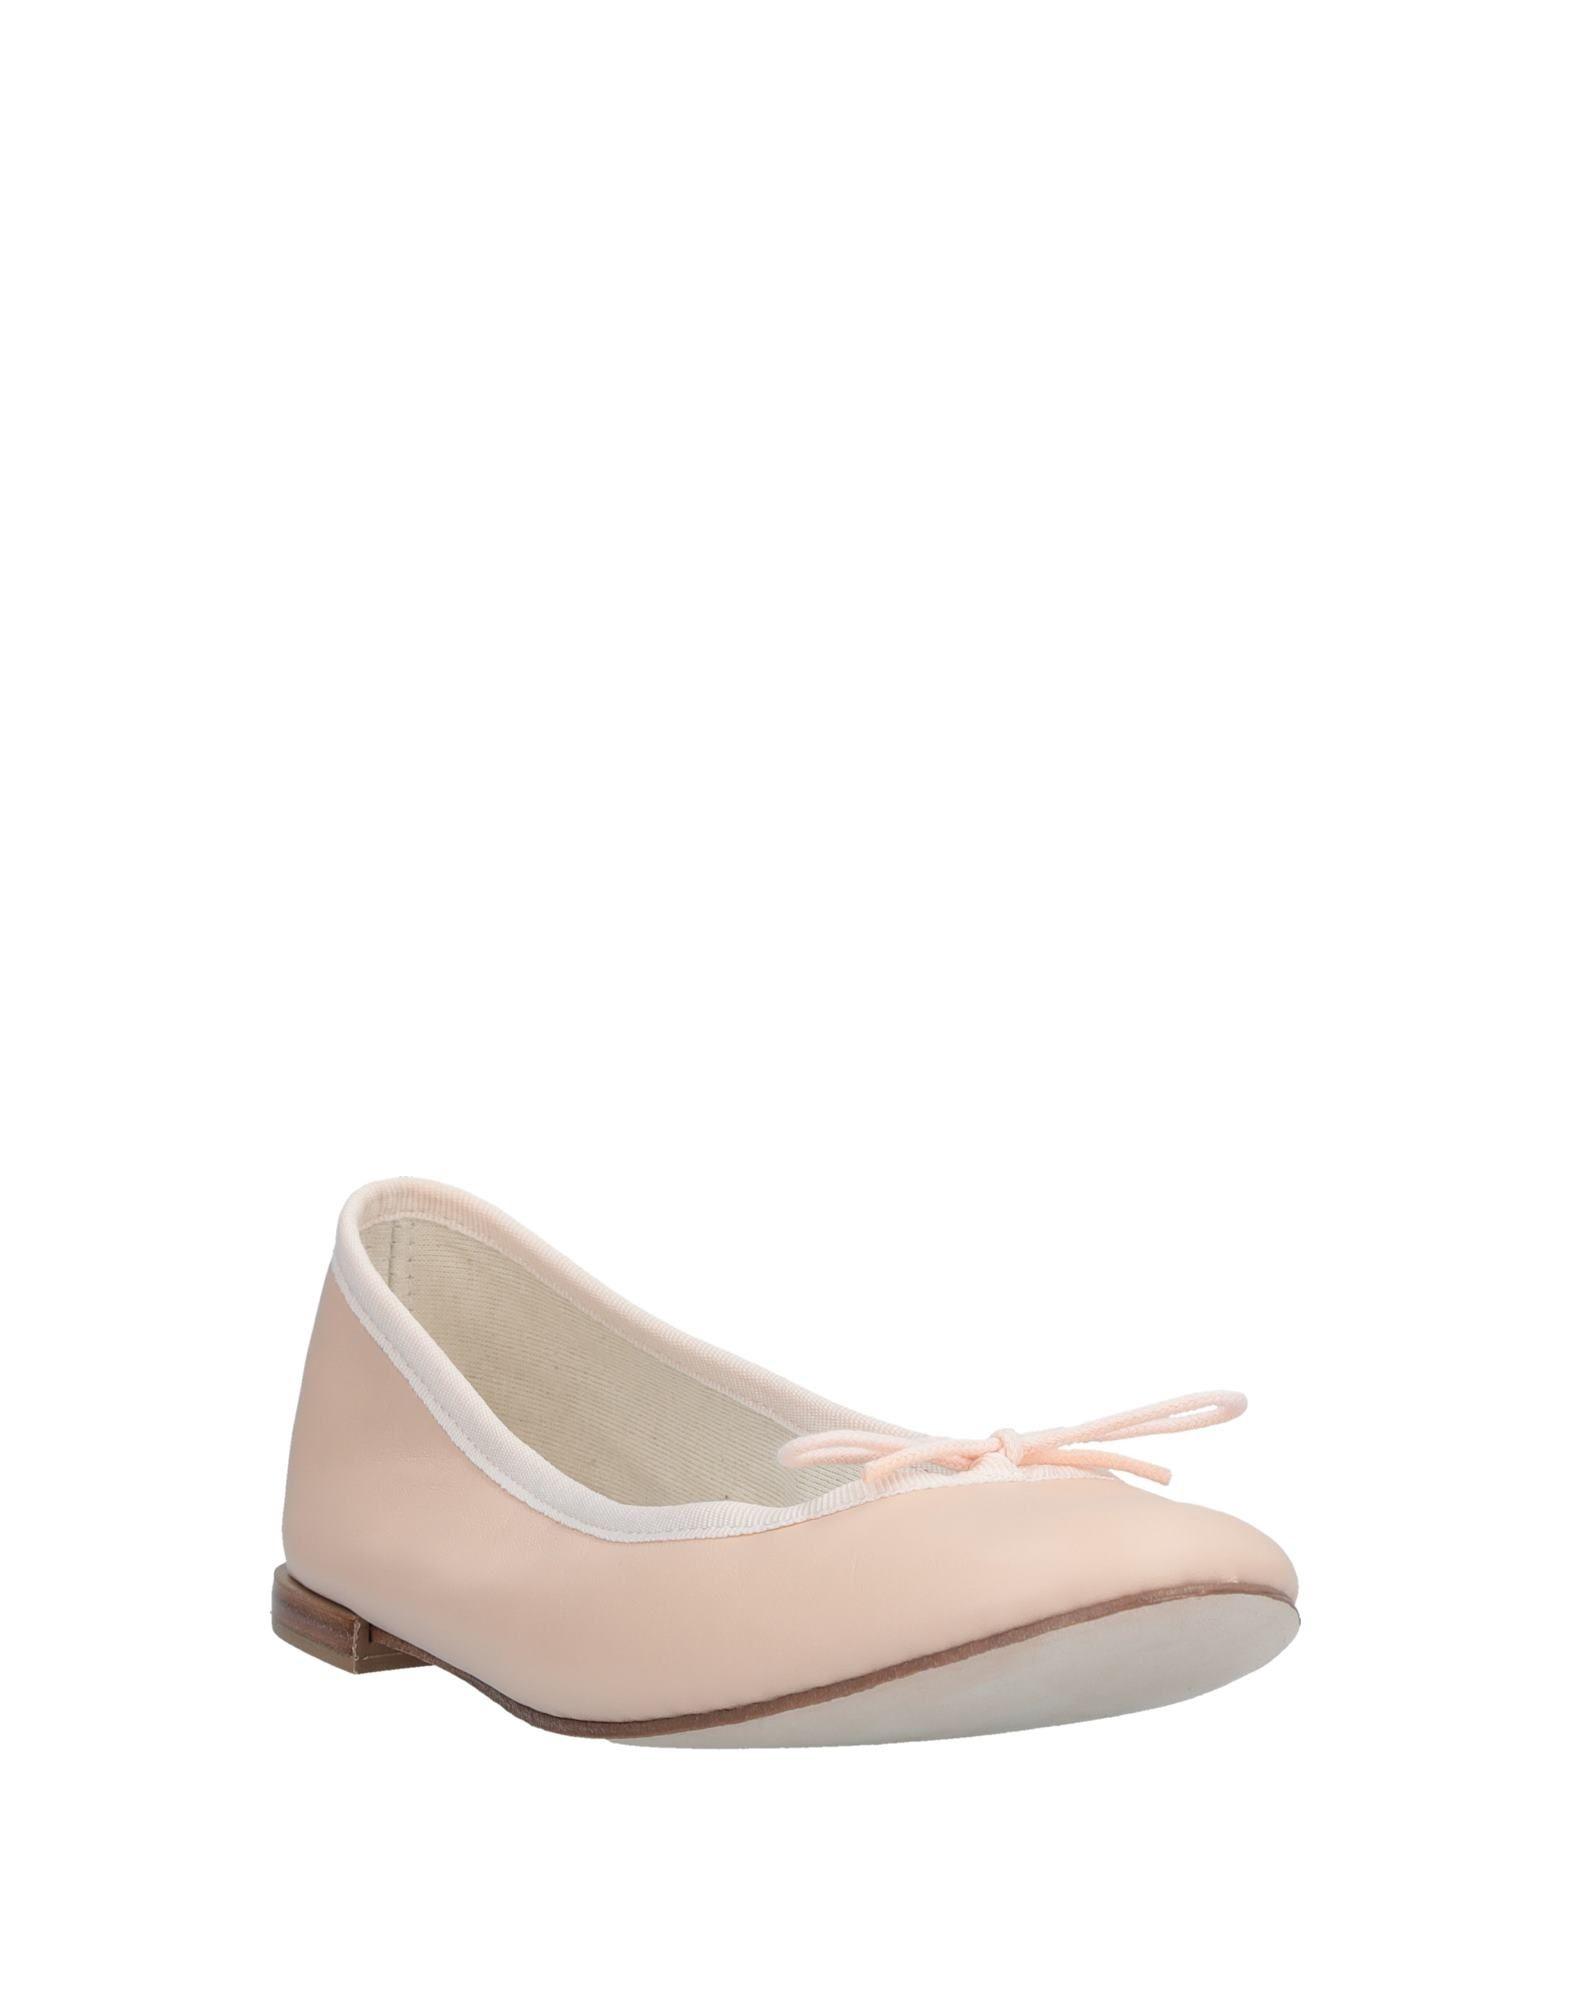 Repetto Ballerinas lohnt Damen Gutes Preis-Leistungs-Verhältnis, es lohnt Ballerinas sich,Sonderangebot-1865 2babd0